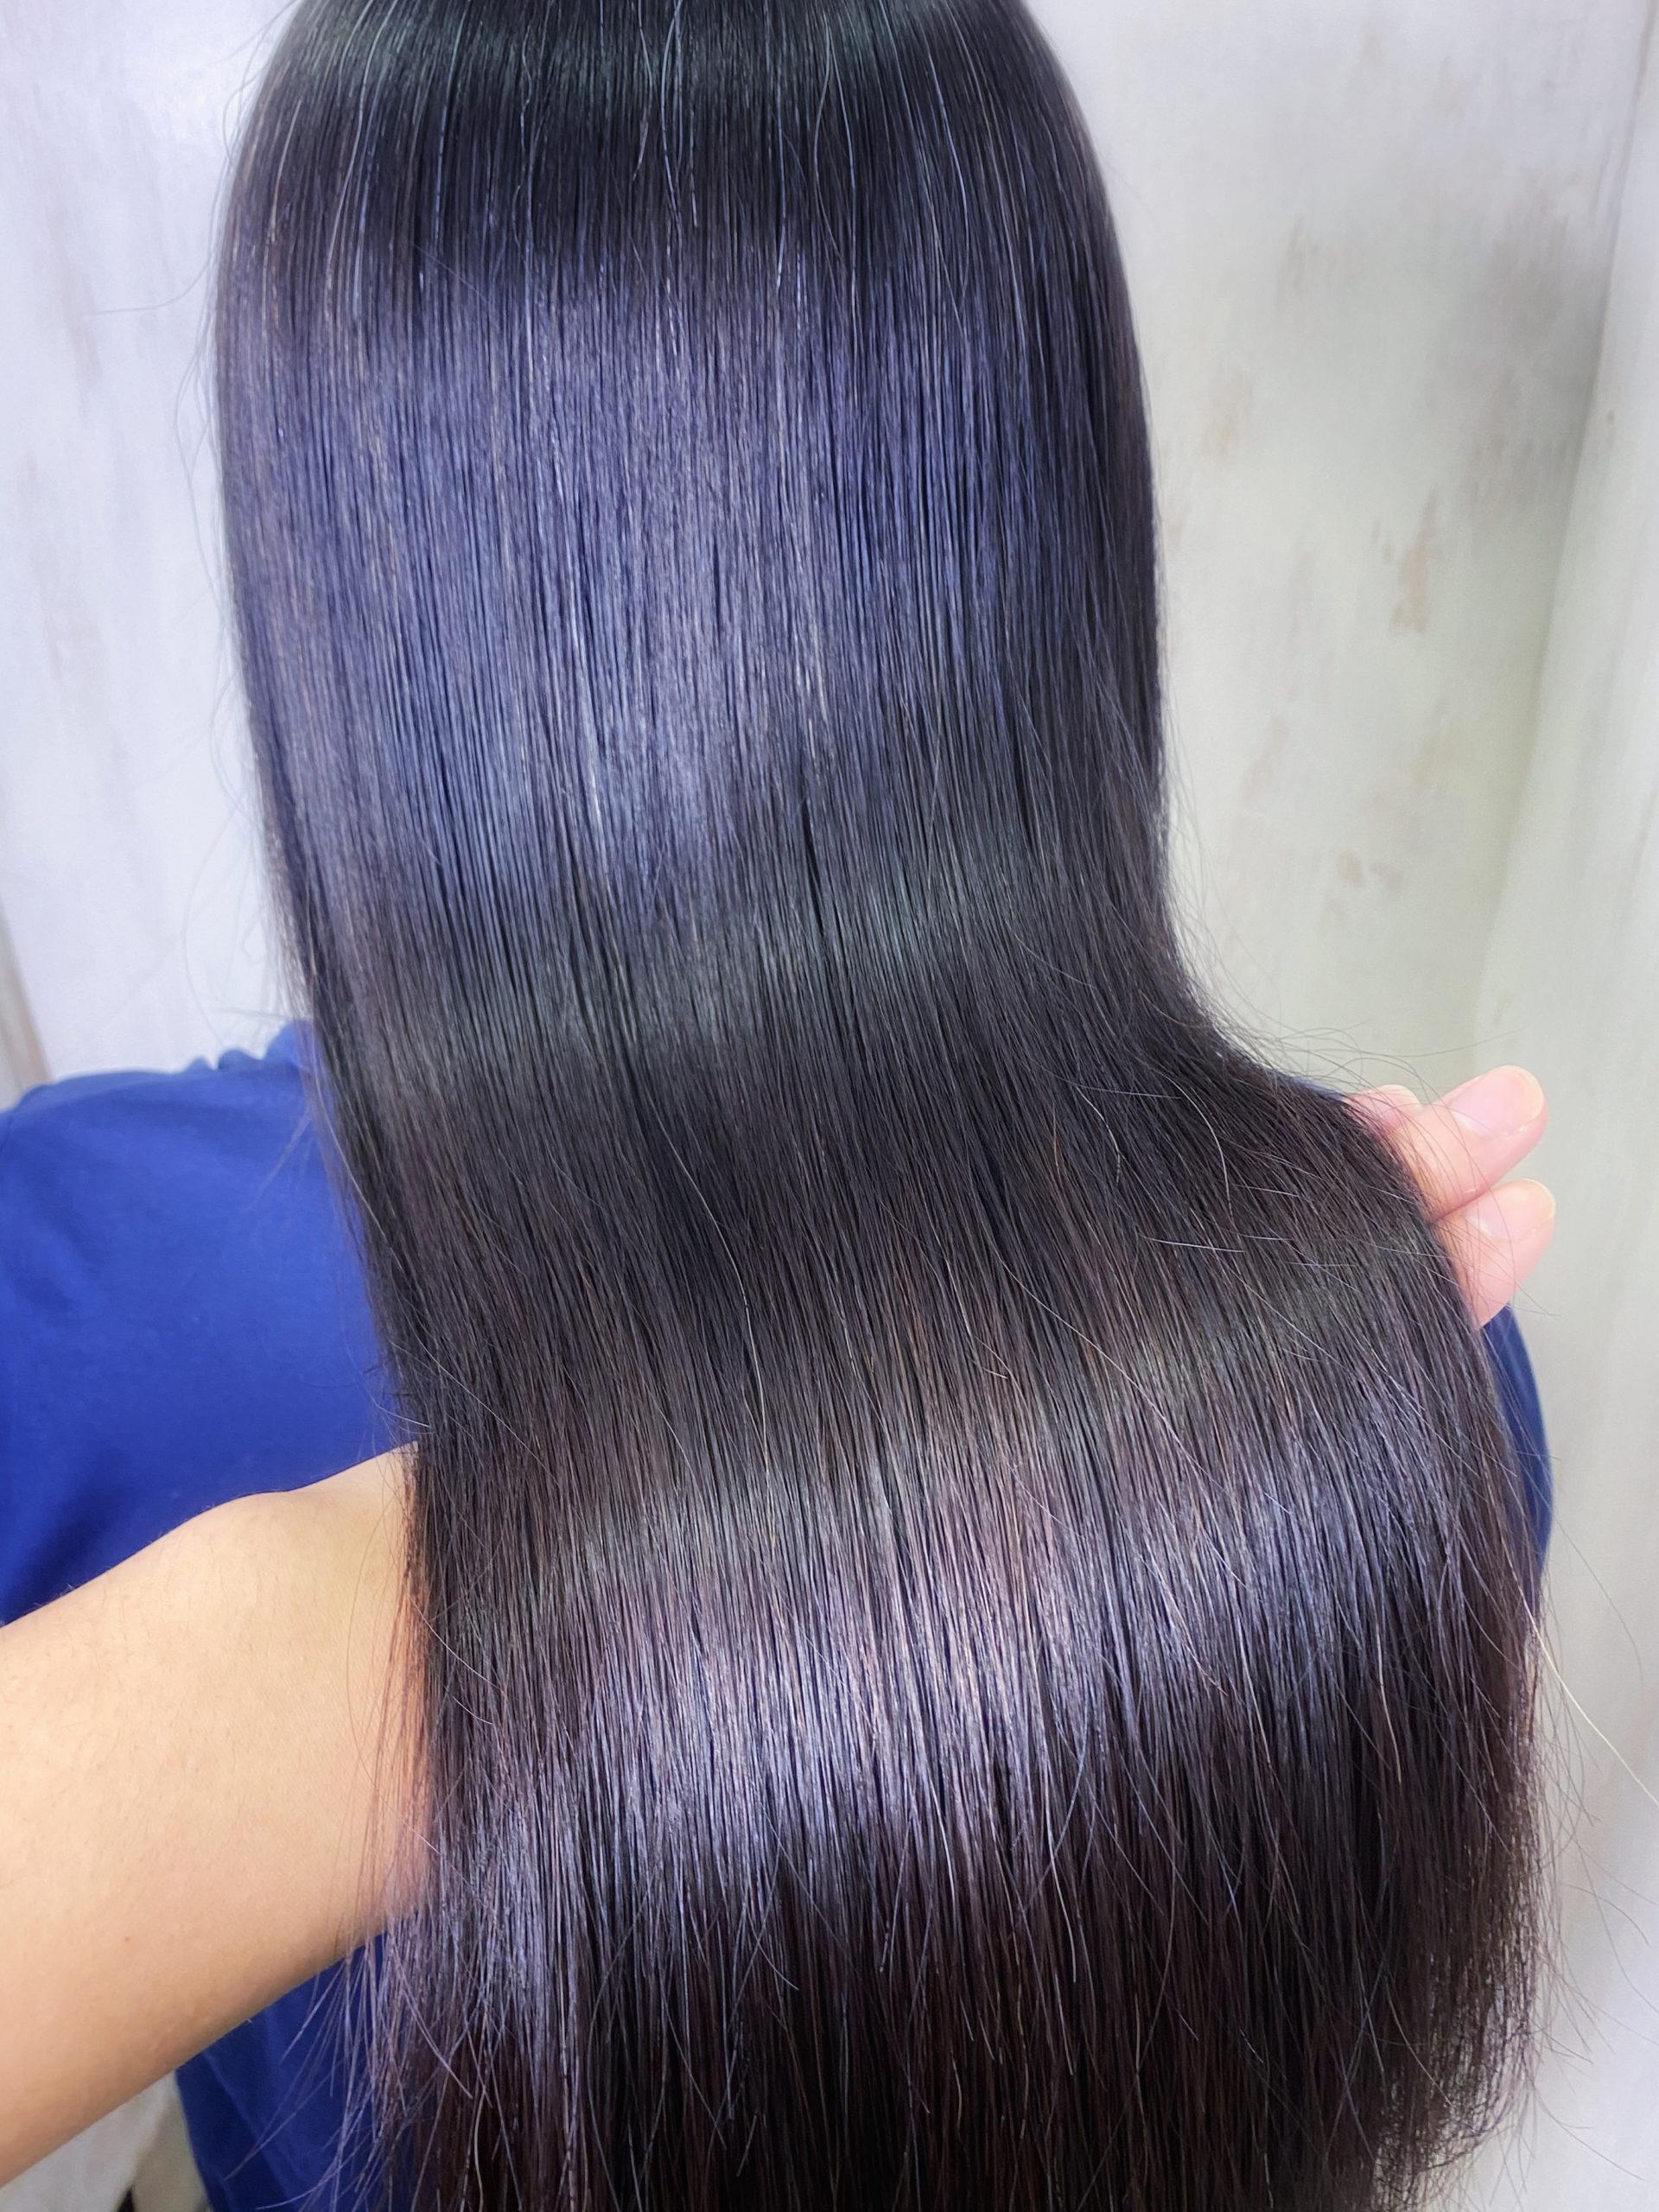 くせ毛でボリュームが気になるロングヘアの方を縮毛矯正で艶髪ストレートヘア。原宿・表参道『髪のお悩みを解決するヘアケア美容師の挑戦』